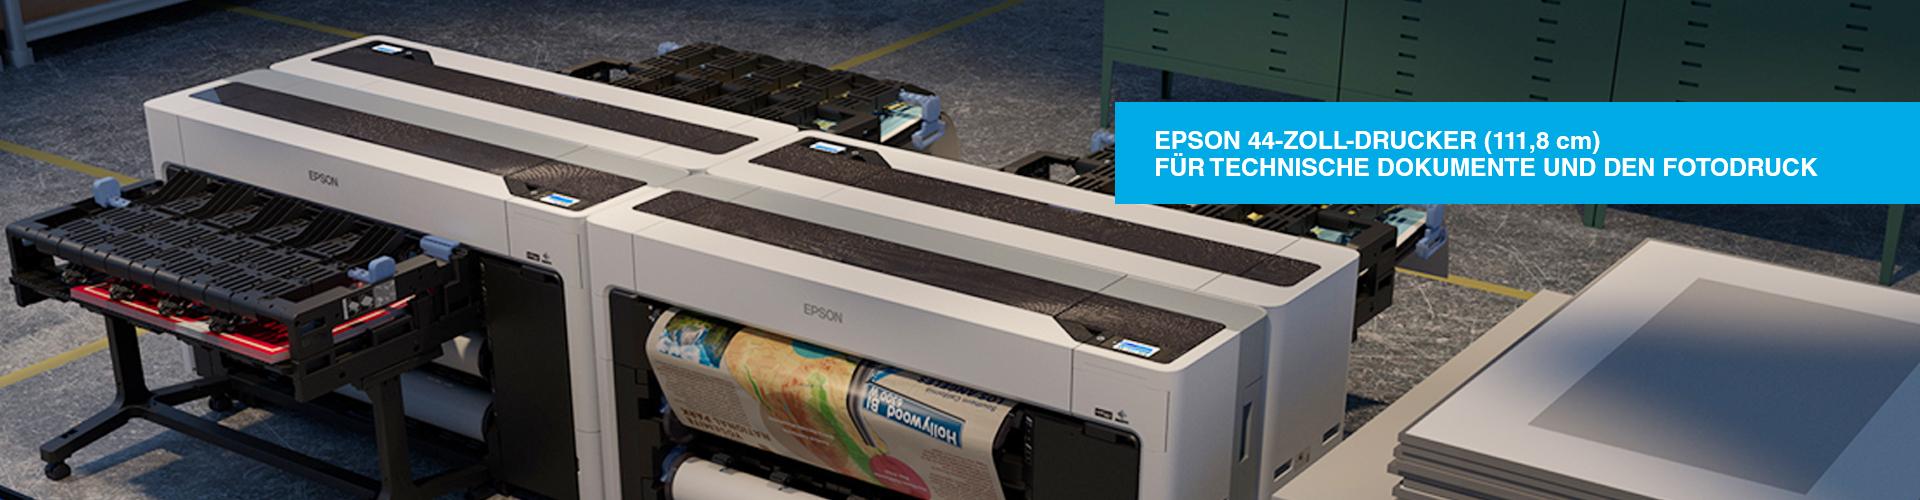 Epson 44-Zoll-Drucker (111,8 cm) für technische Dokumente und den Fotodruck />